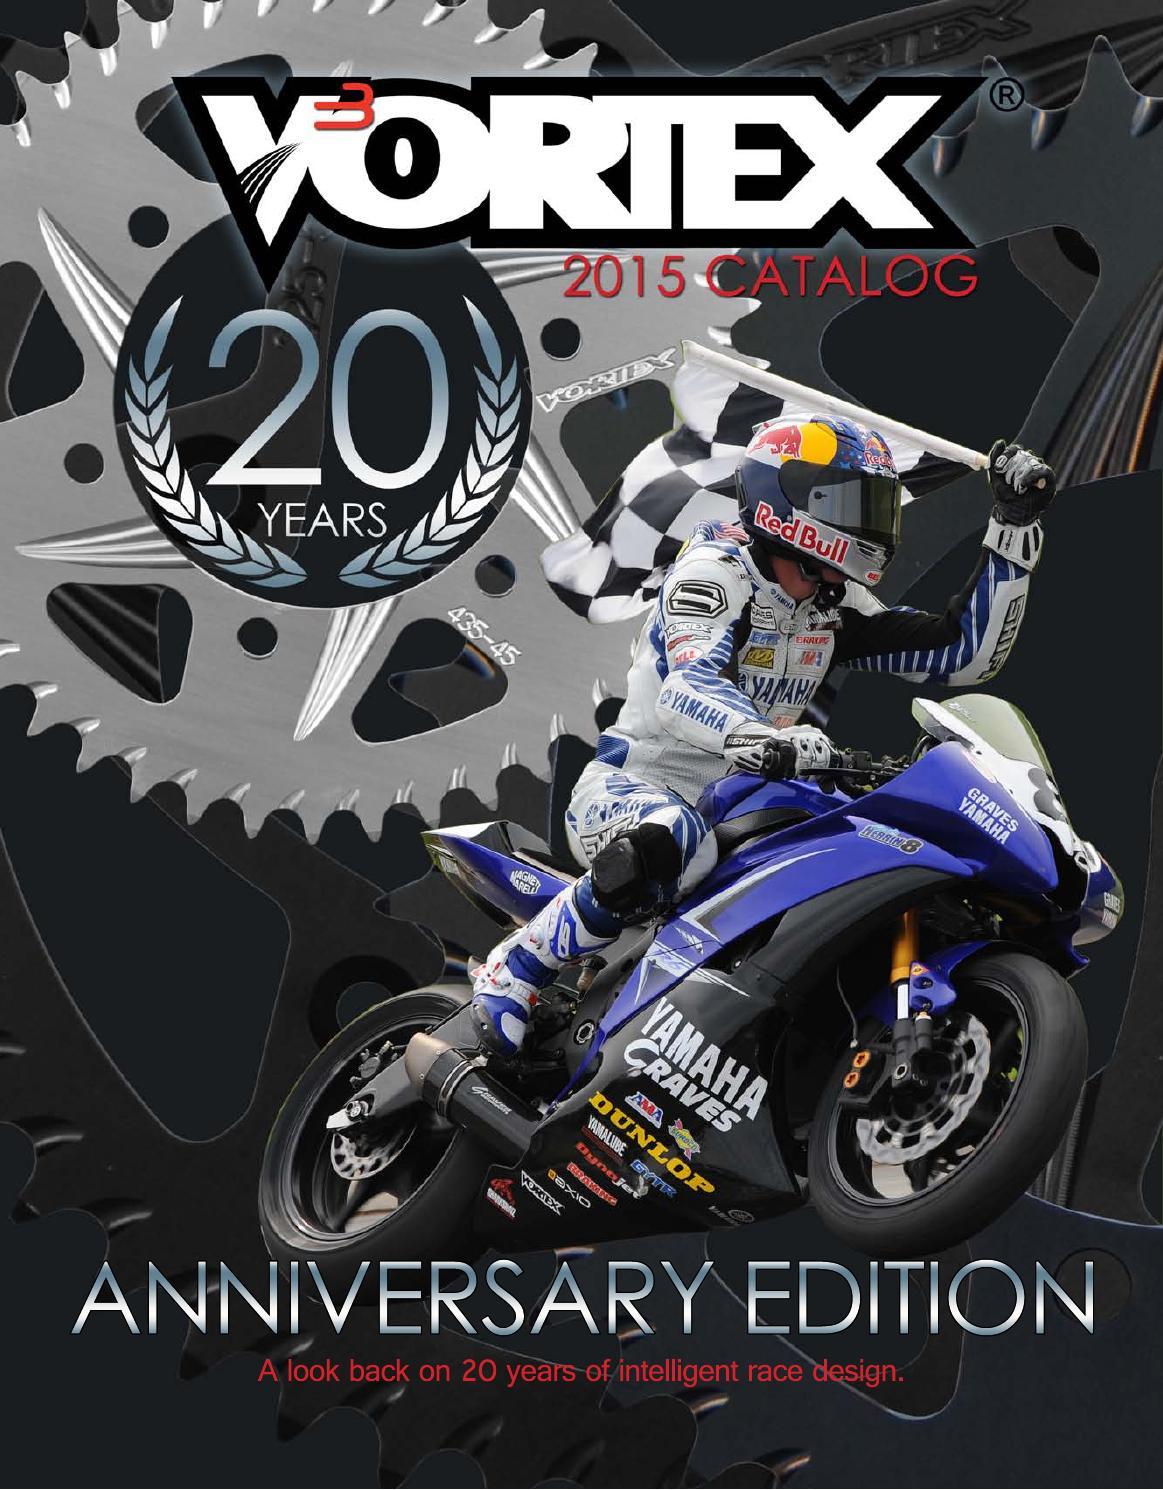 Vortex CK6112 Chain and Sprocket Kit Vortex Racing